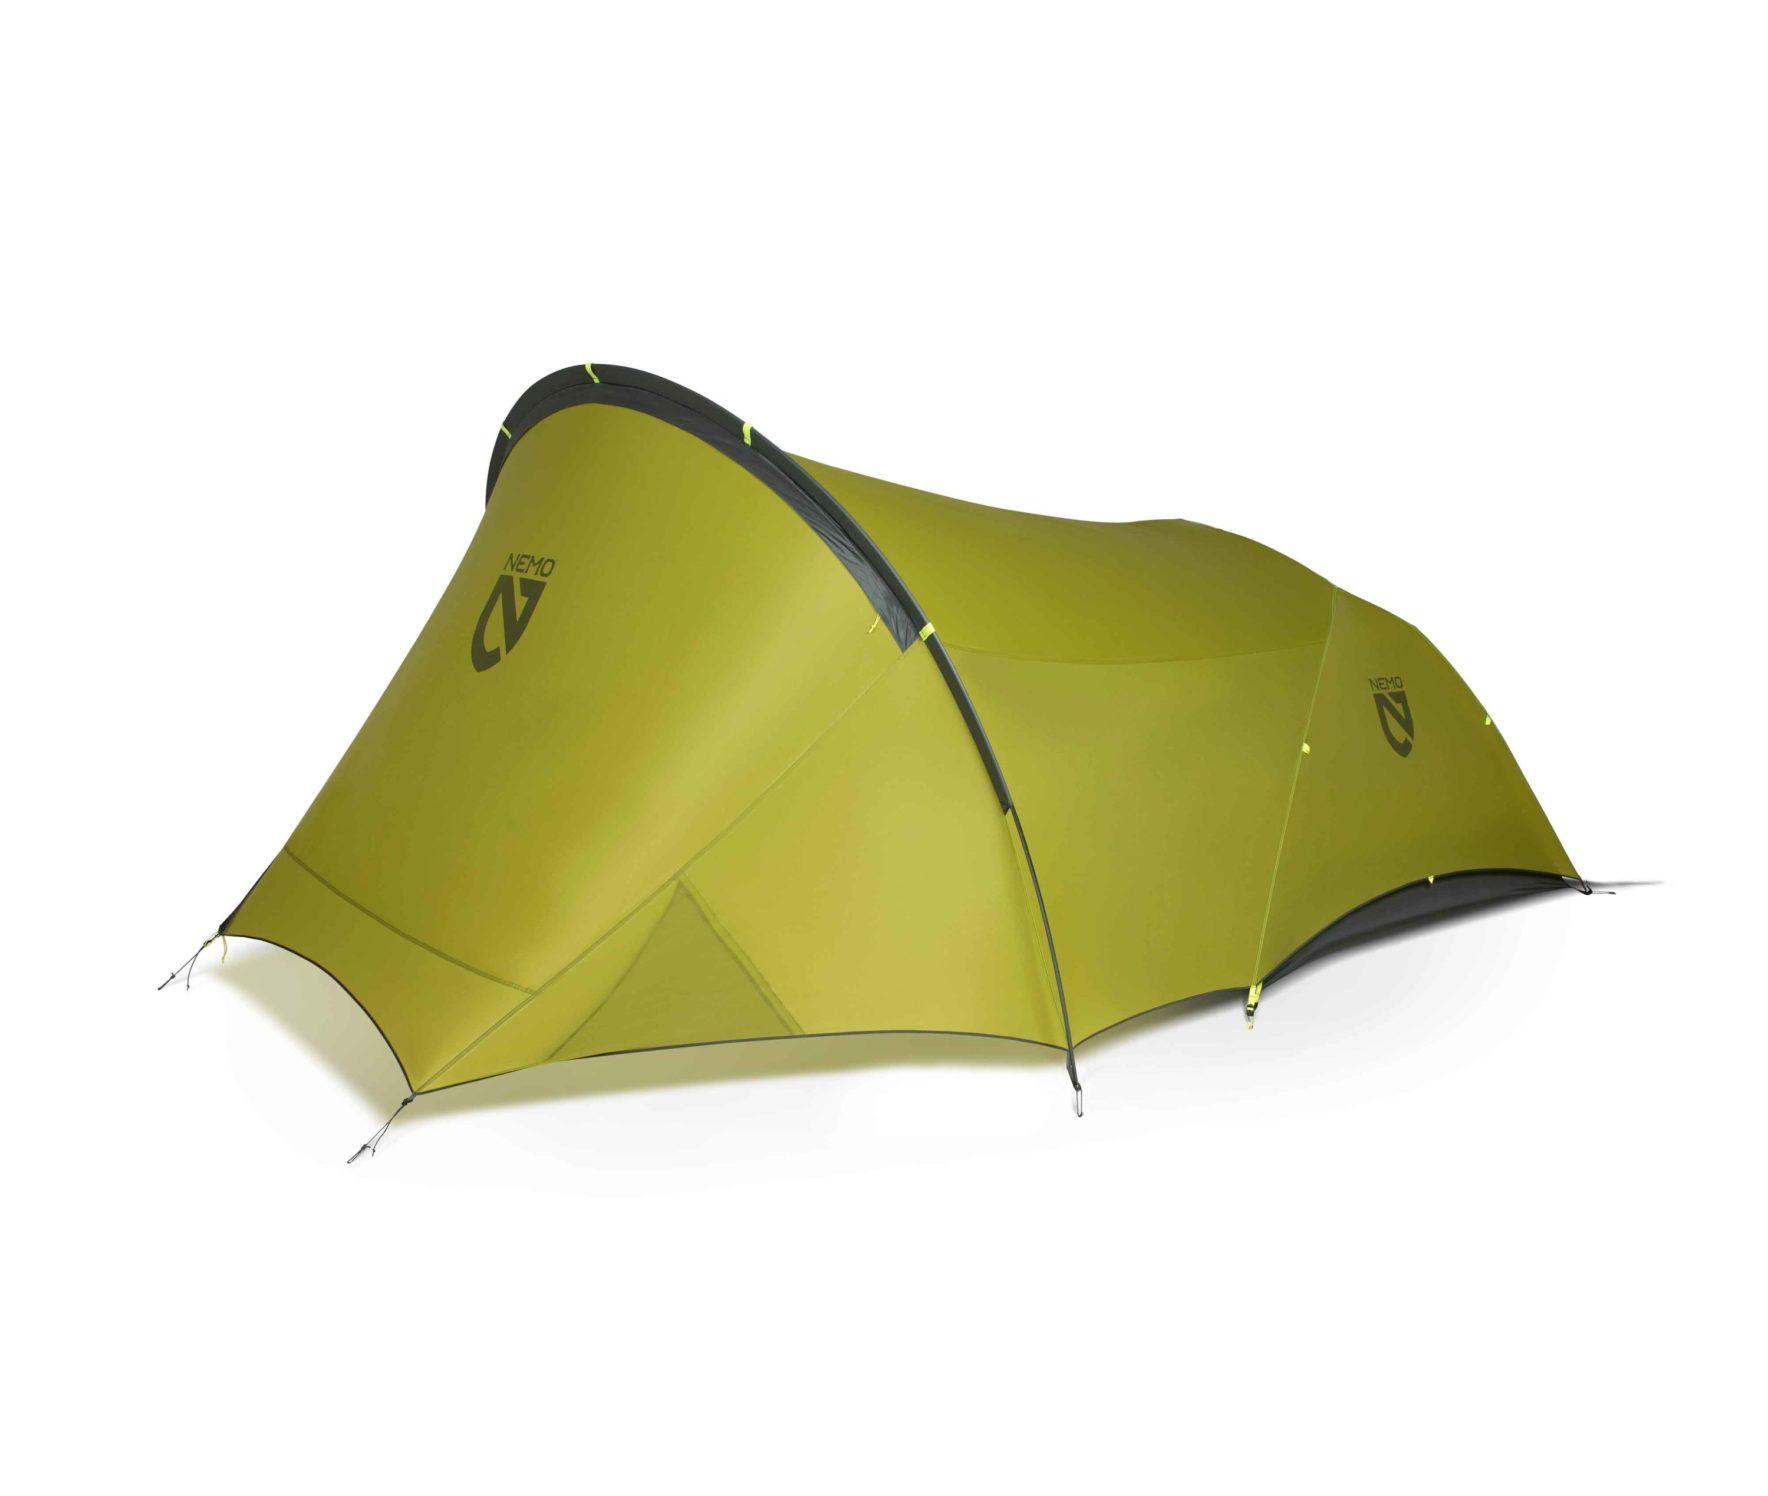 NEMO(ニーモ)から巨大な前室を持つミニマムなテントが発売されました「DAGGER PORCH TENT」